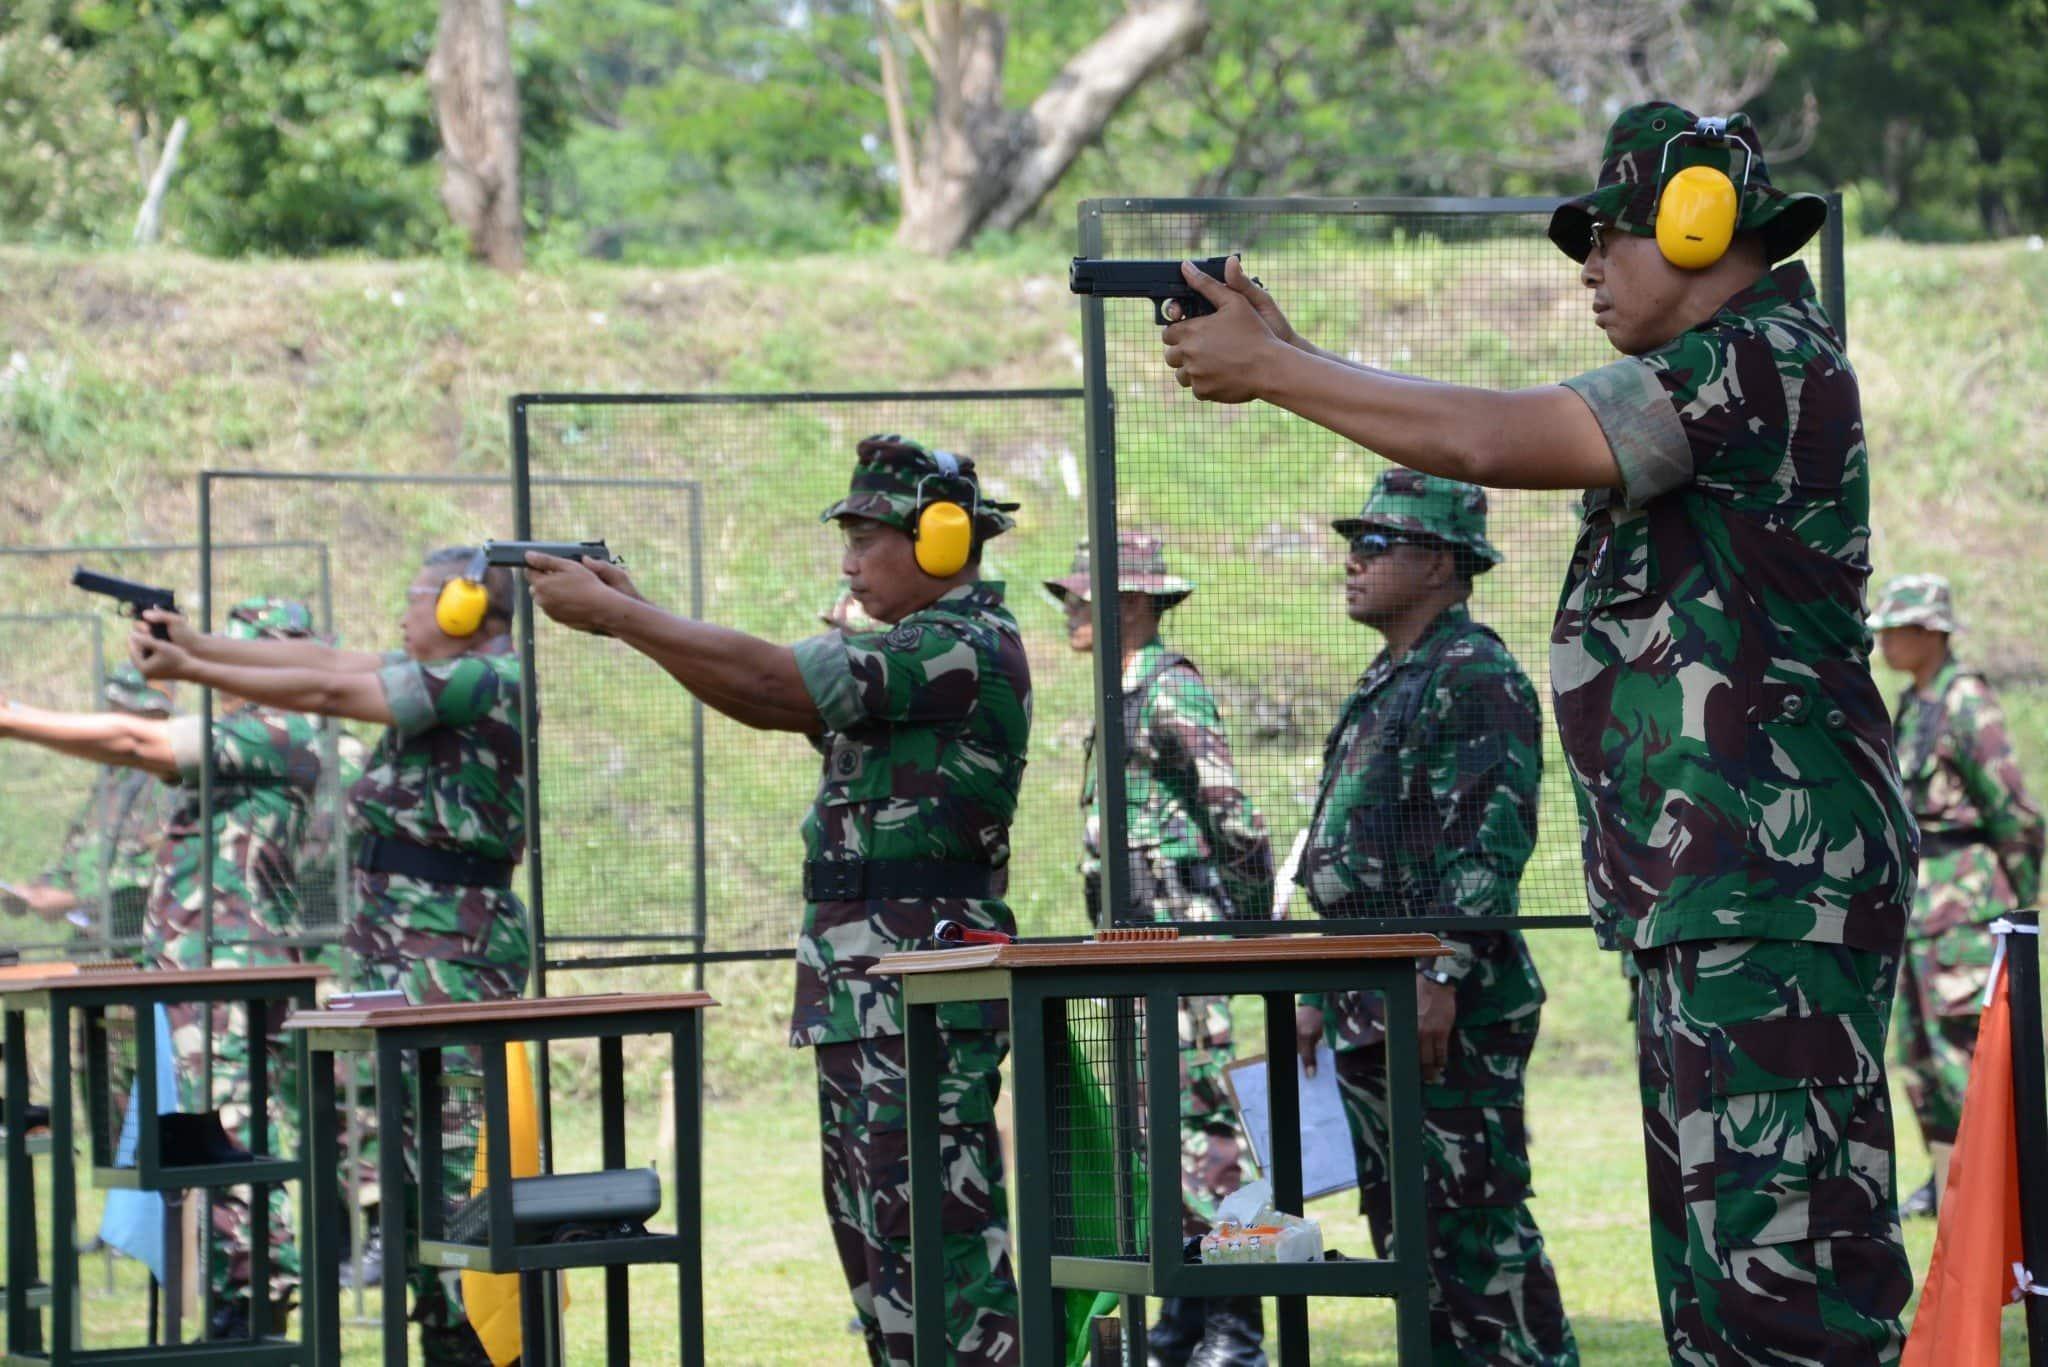 Lomba Tembak Pistol Eksekutif Dalam Rangka Hut Kodiklat Tni Ad Ke-21